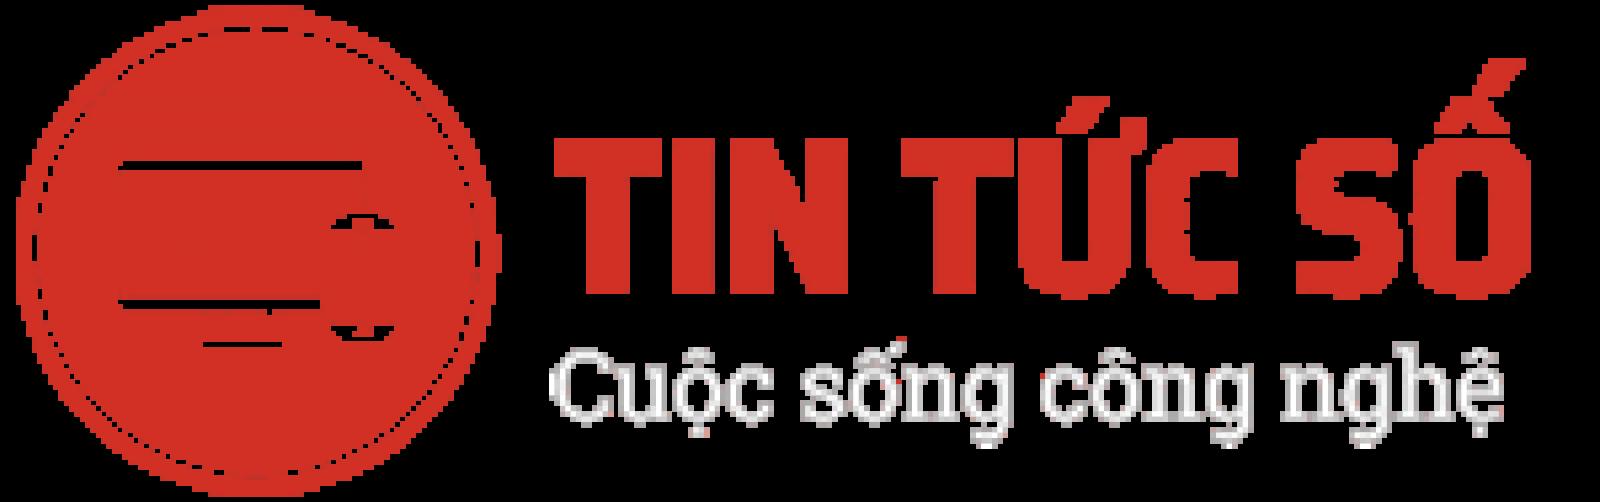 Azitek - Điện Thoại, Điện Máy